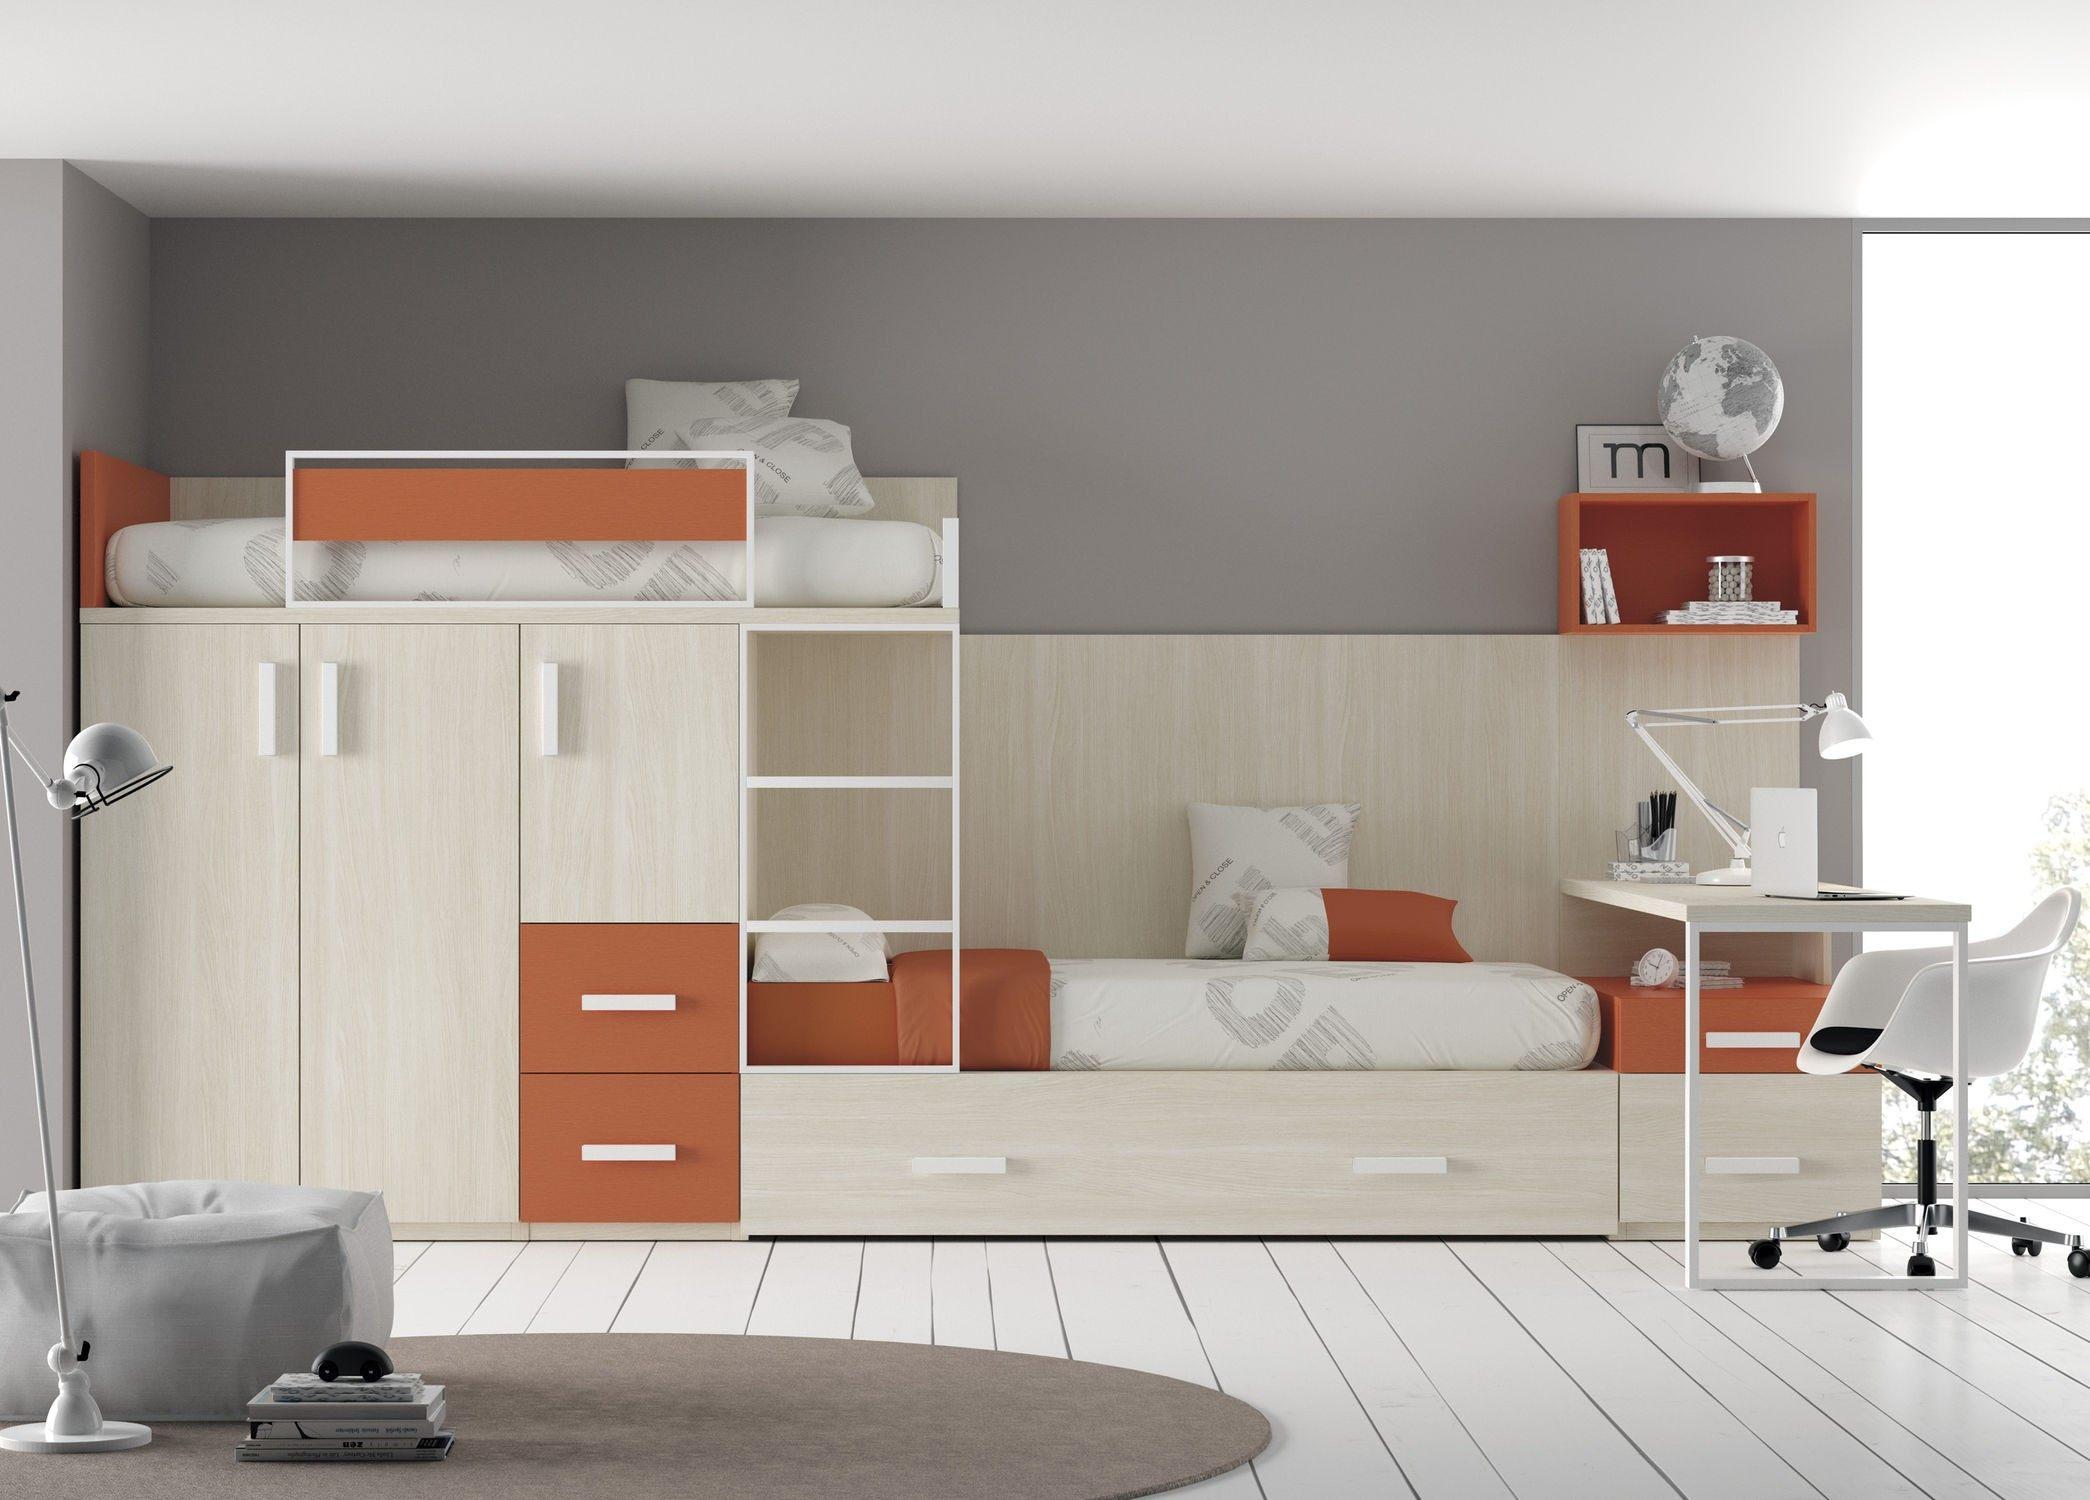 Canapé Convertible Vrai Lit Agréable Captivant Canapé Lit Moderne Dans Lit Biné Armoire Fresh Lit